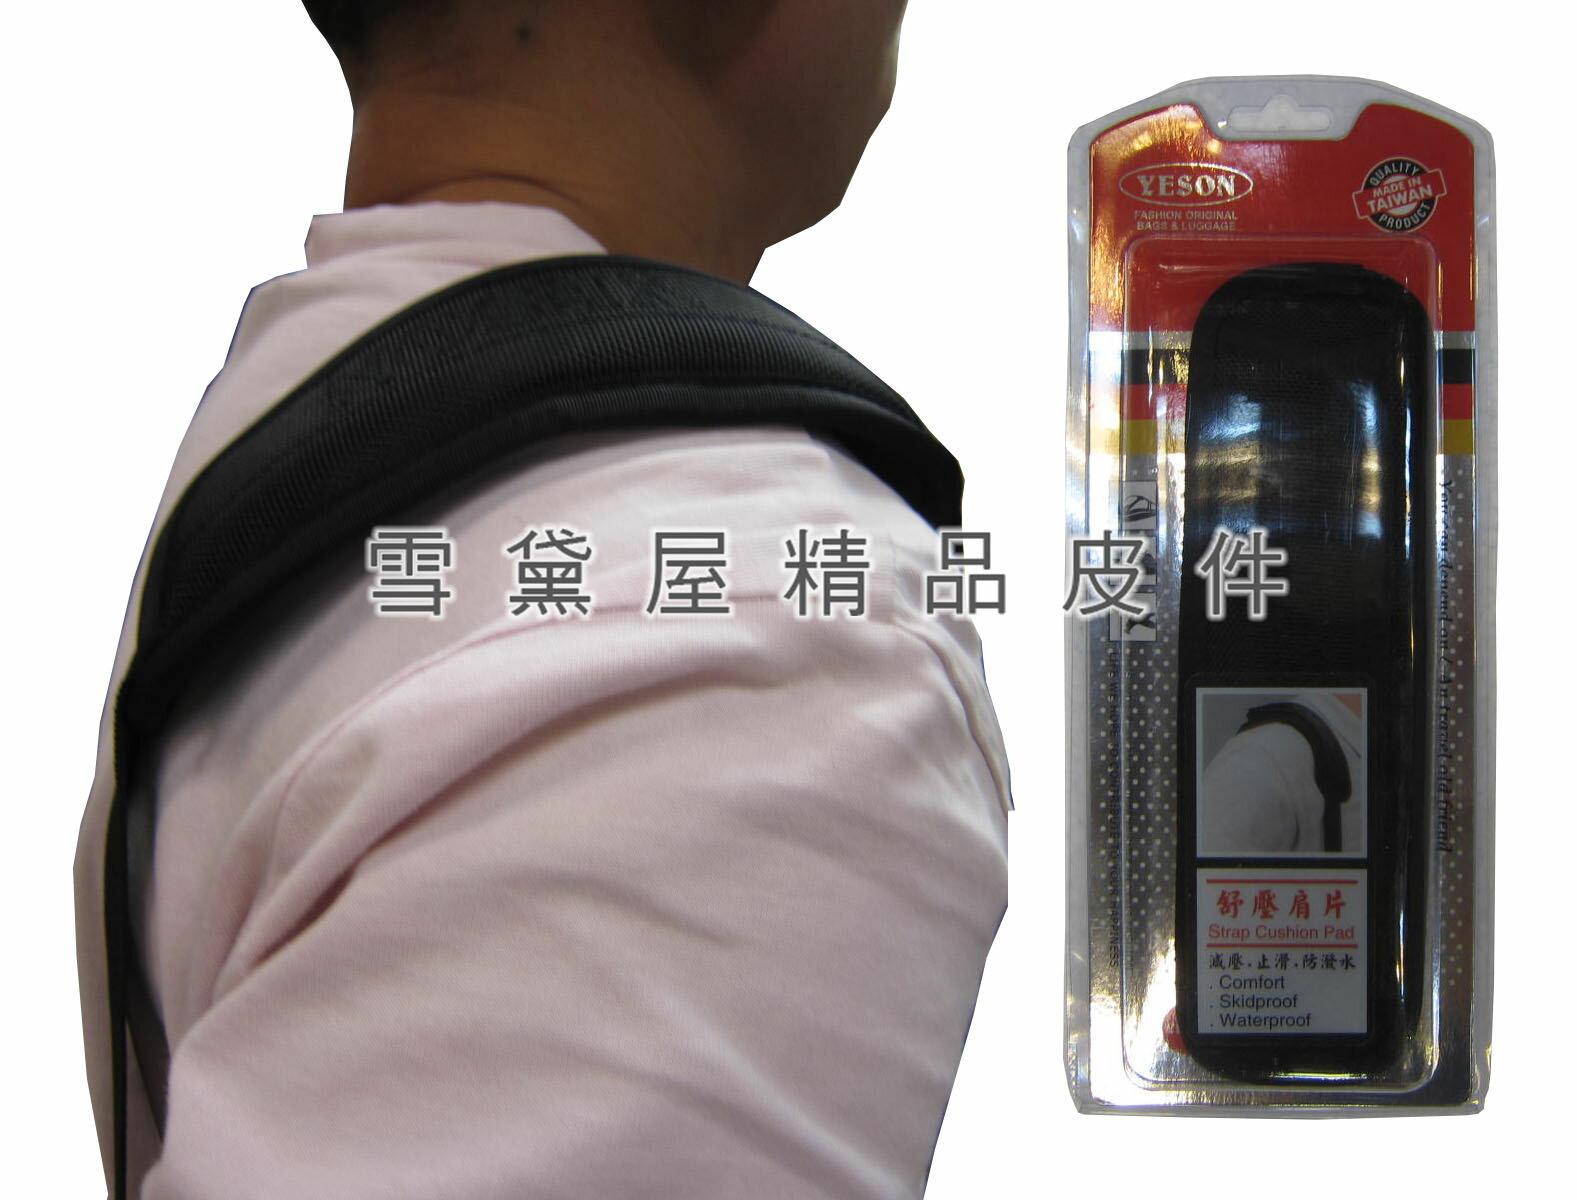 ~雪黛屋~YESON 肩墊片背帶加強保護  超強耐承重防滑肩背帶尼龍織帶人體工學釋壓防滑護